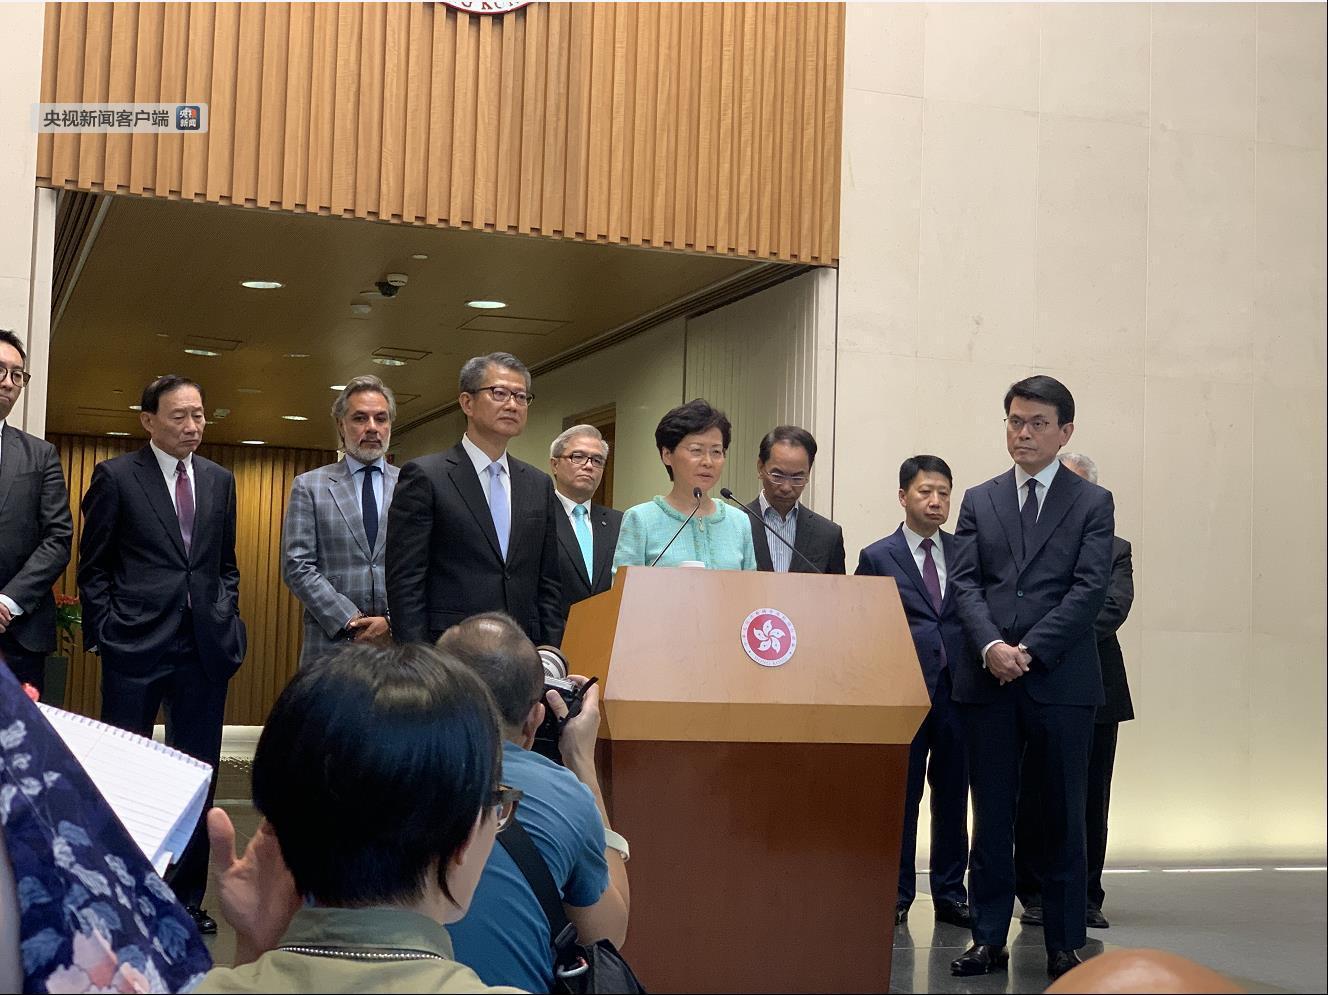 林郑月娥召开记者会:希望立即停止任何暴力行为